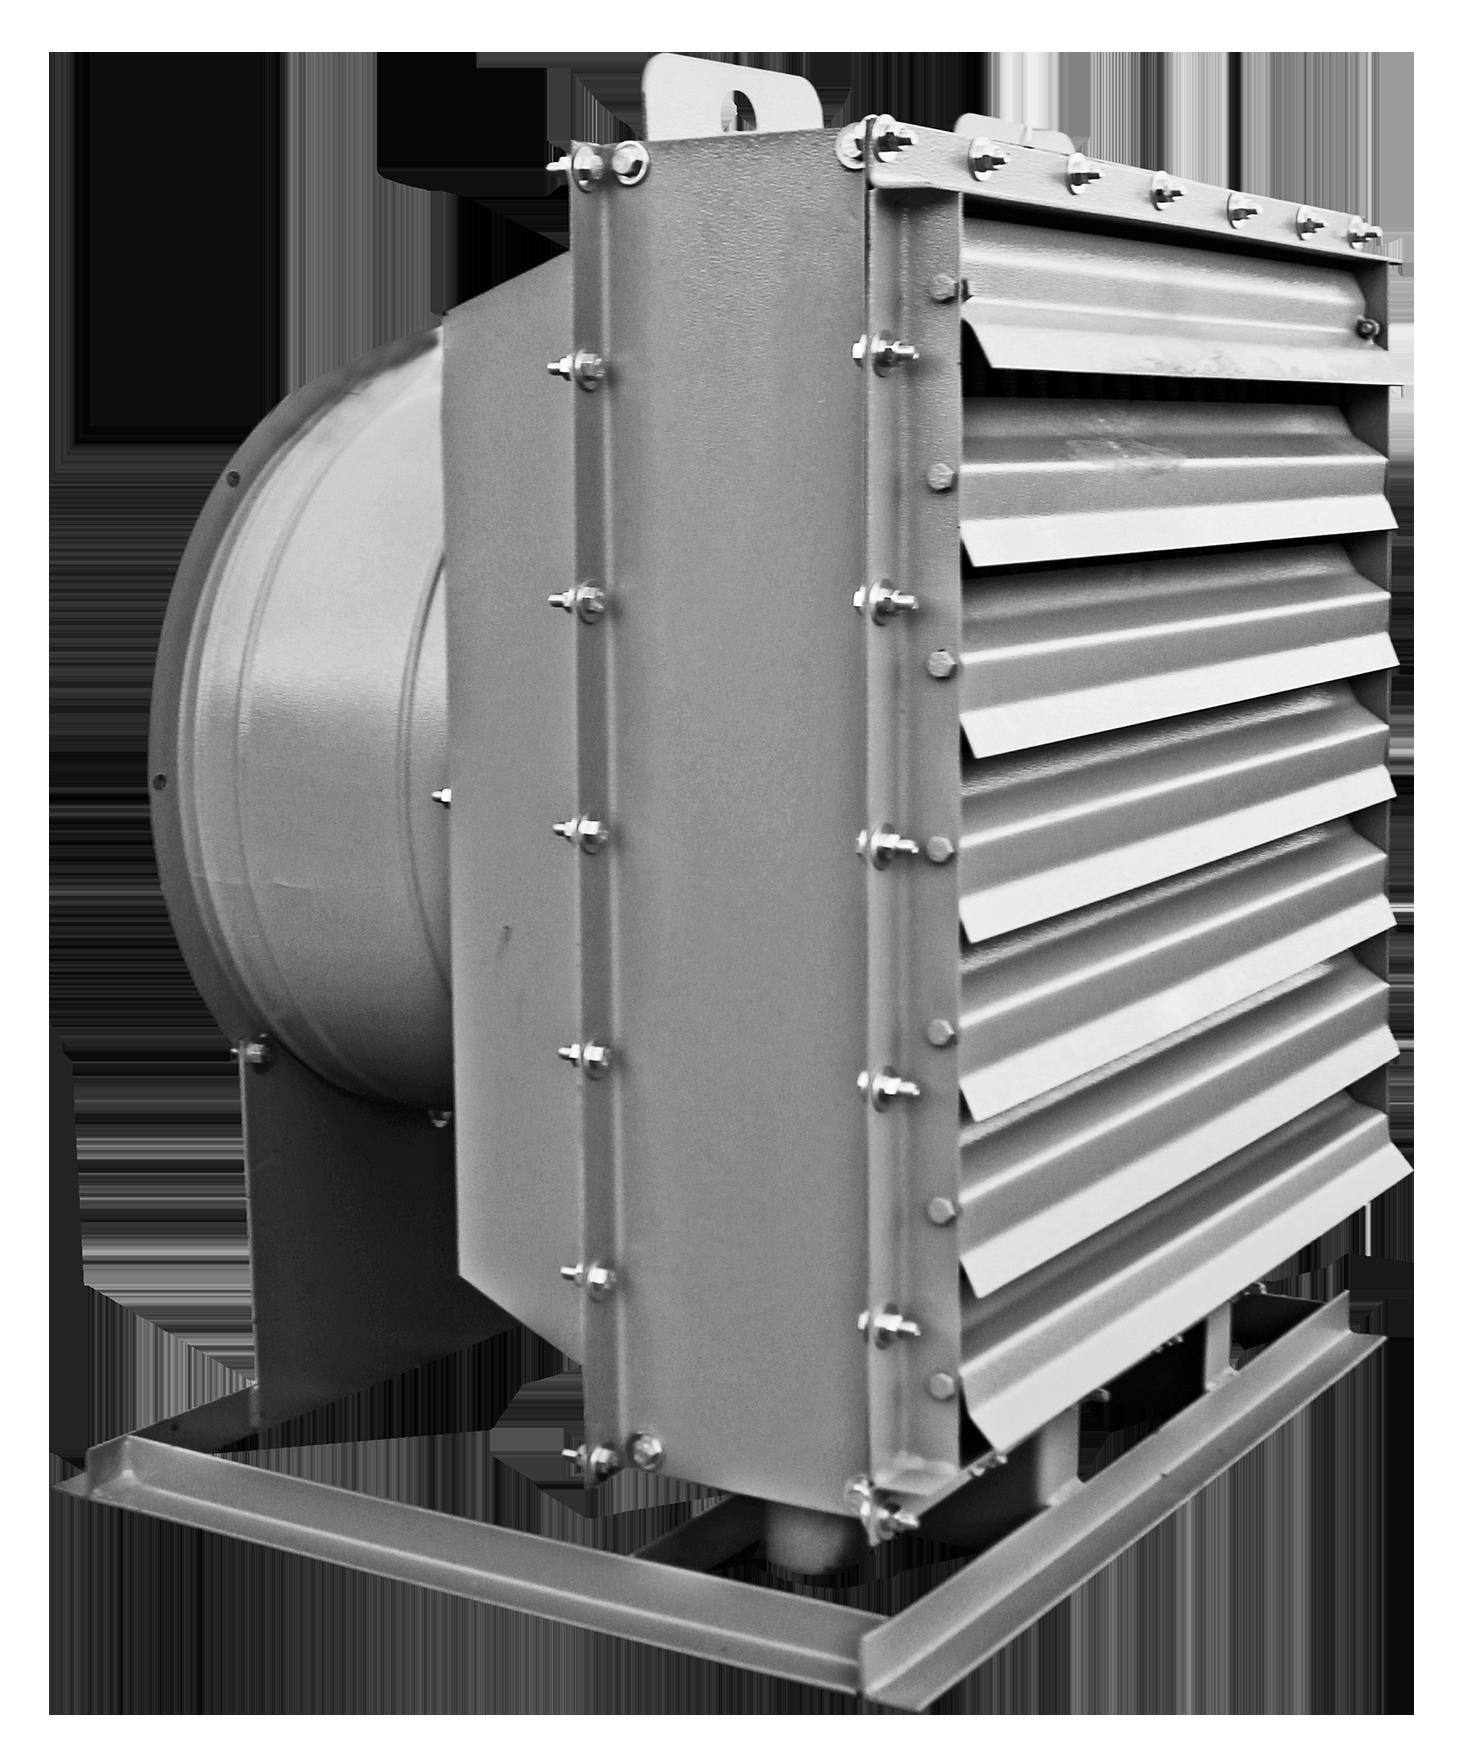 Агрегат воздушно-отопительный: виды, характеристики, принцип работы